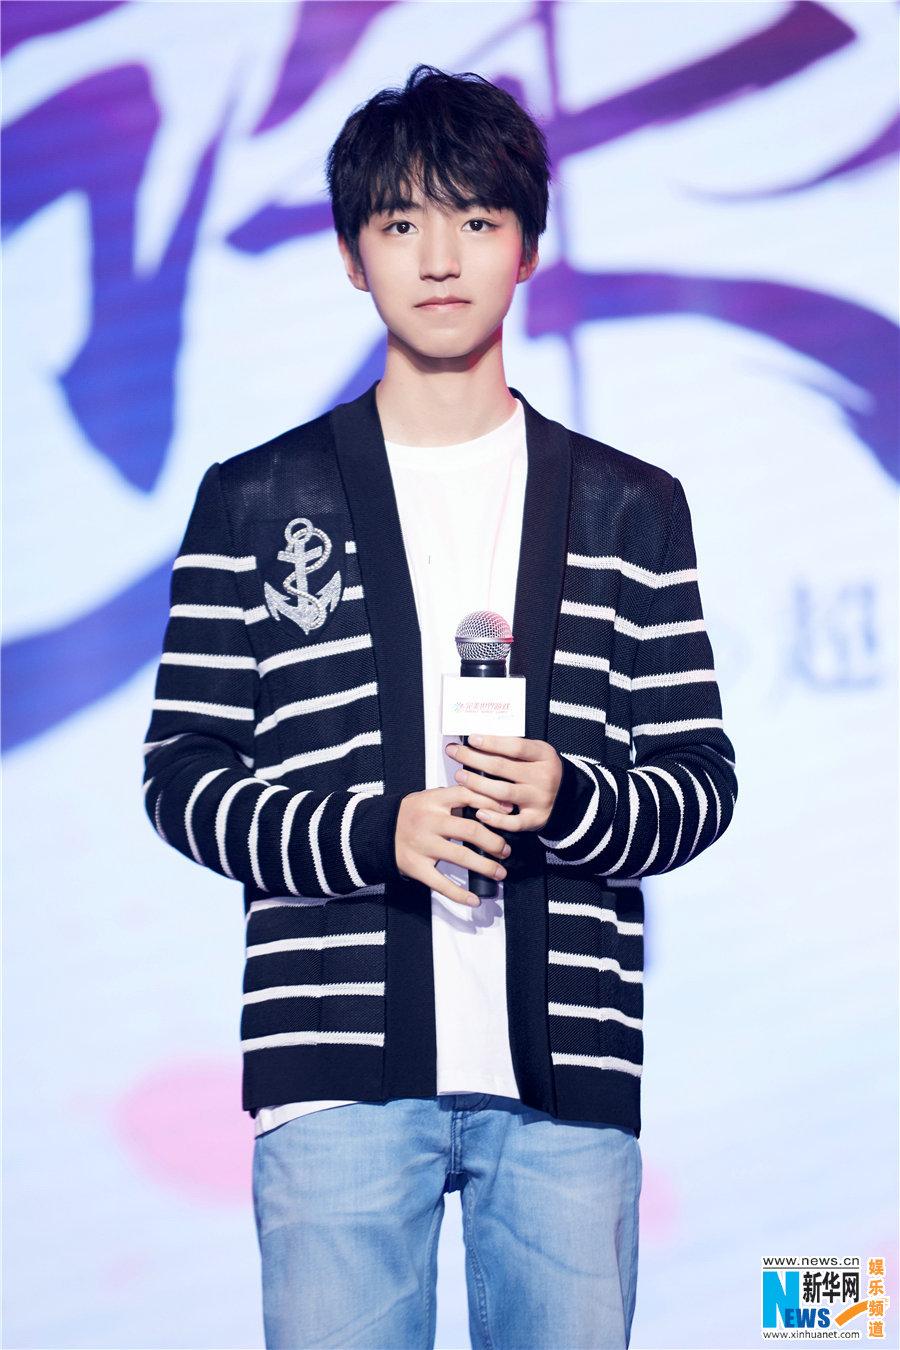 王俊凯亮相代言 提前揭秘个人2018首支单曲